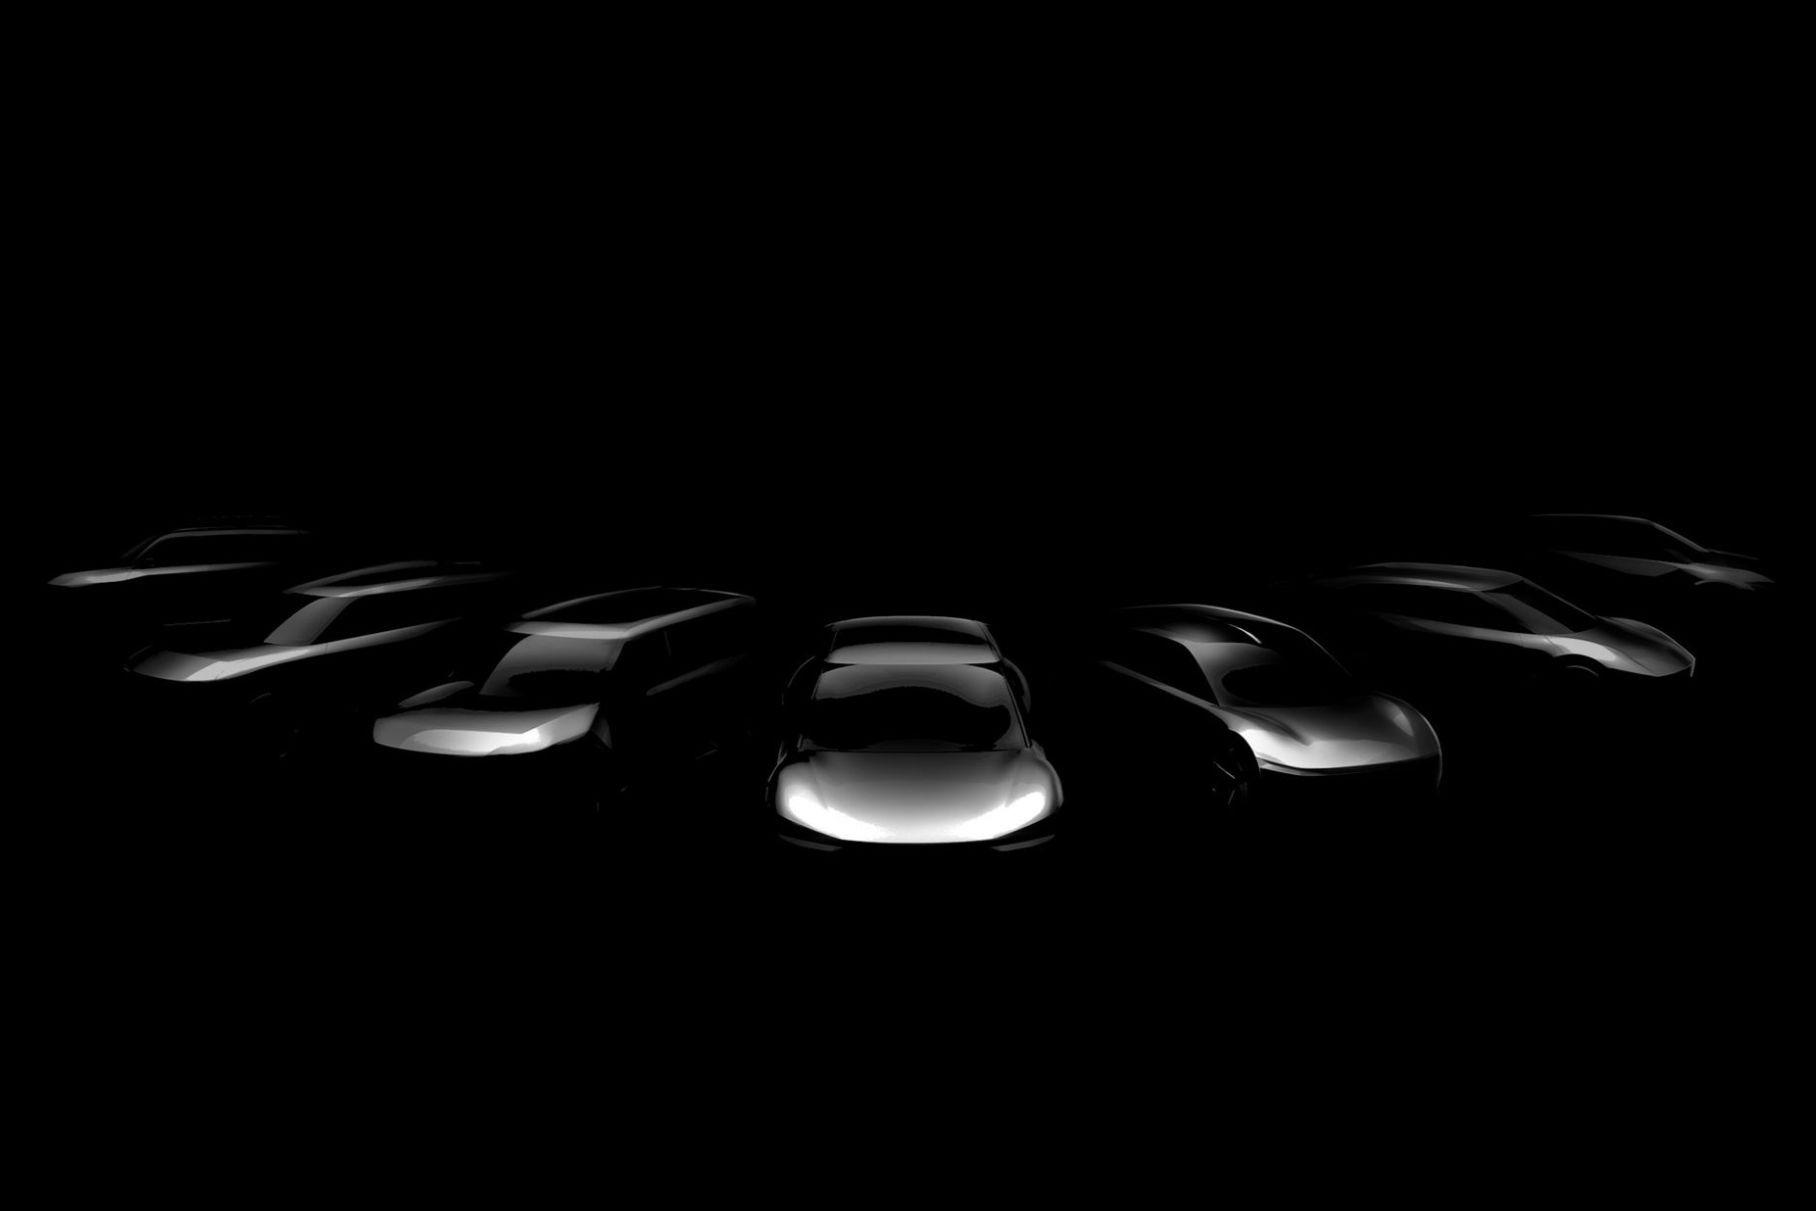 Семь электрокаров за 7 лет: Kia показала первое изображение будущих новинок